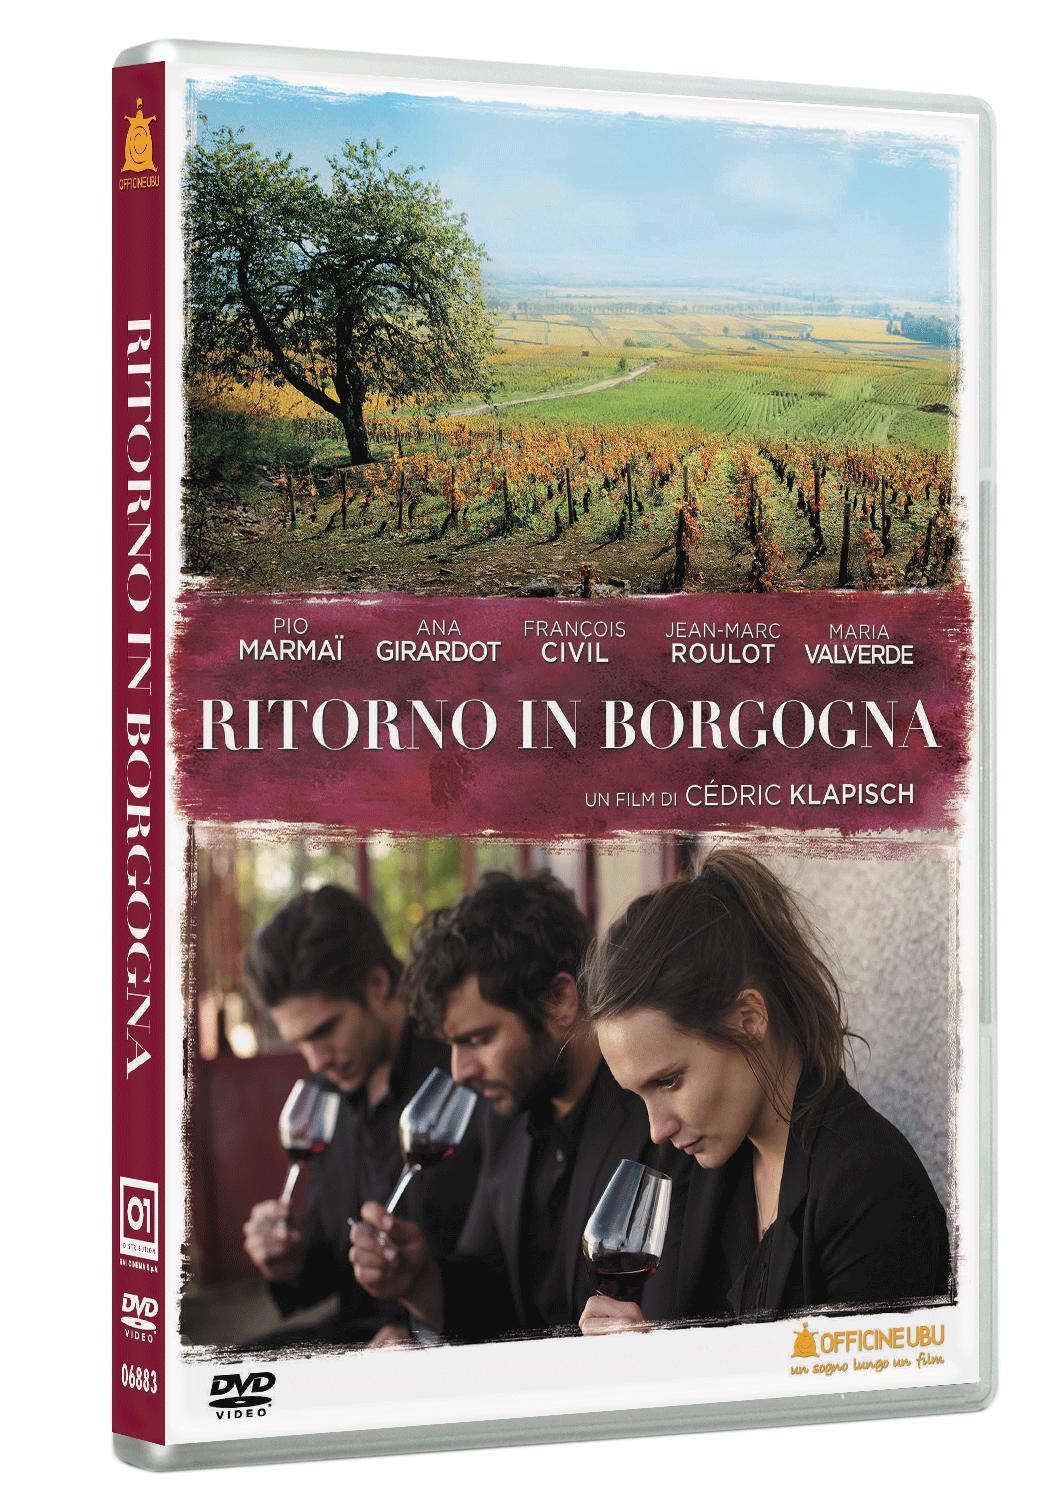 RITORNO IN BORGOGNA (DVD)